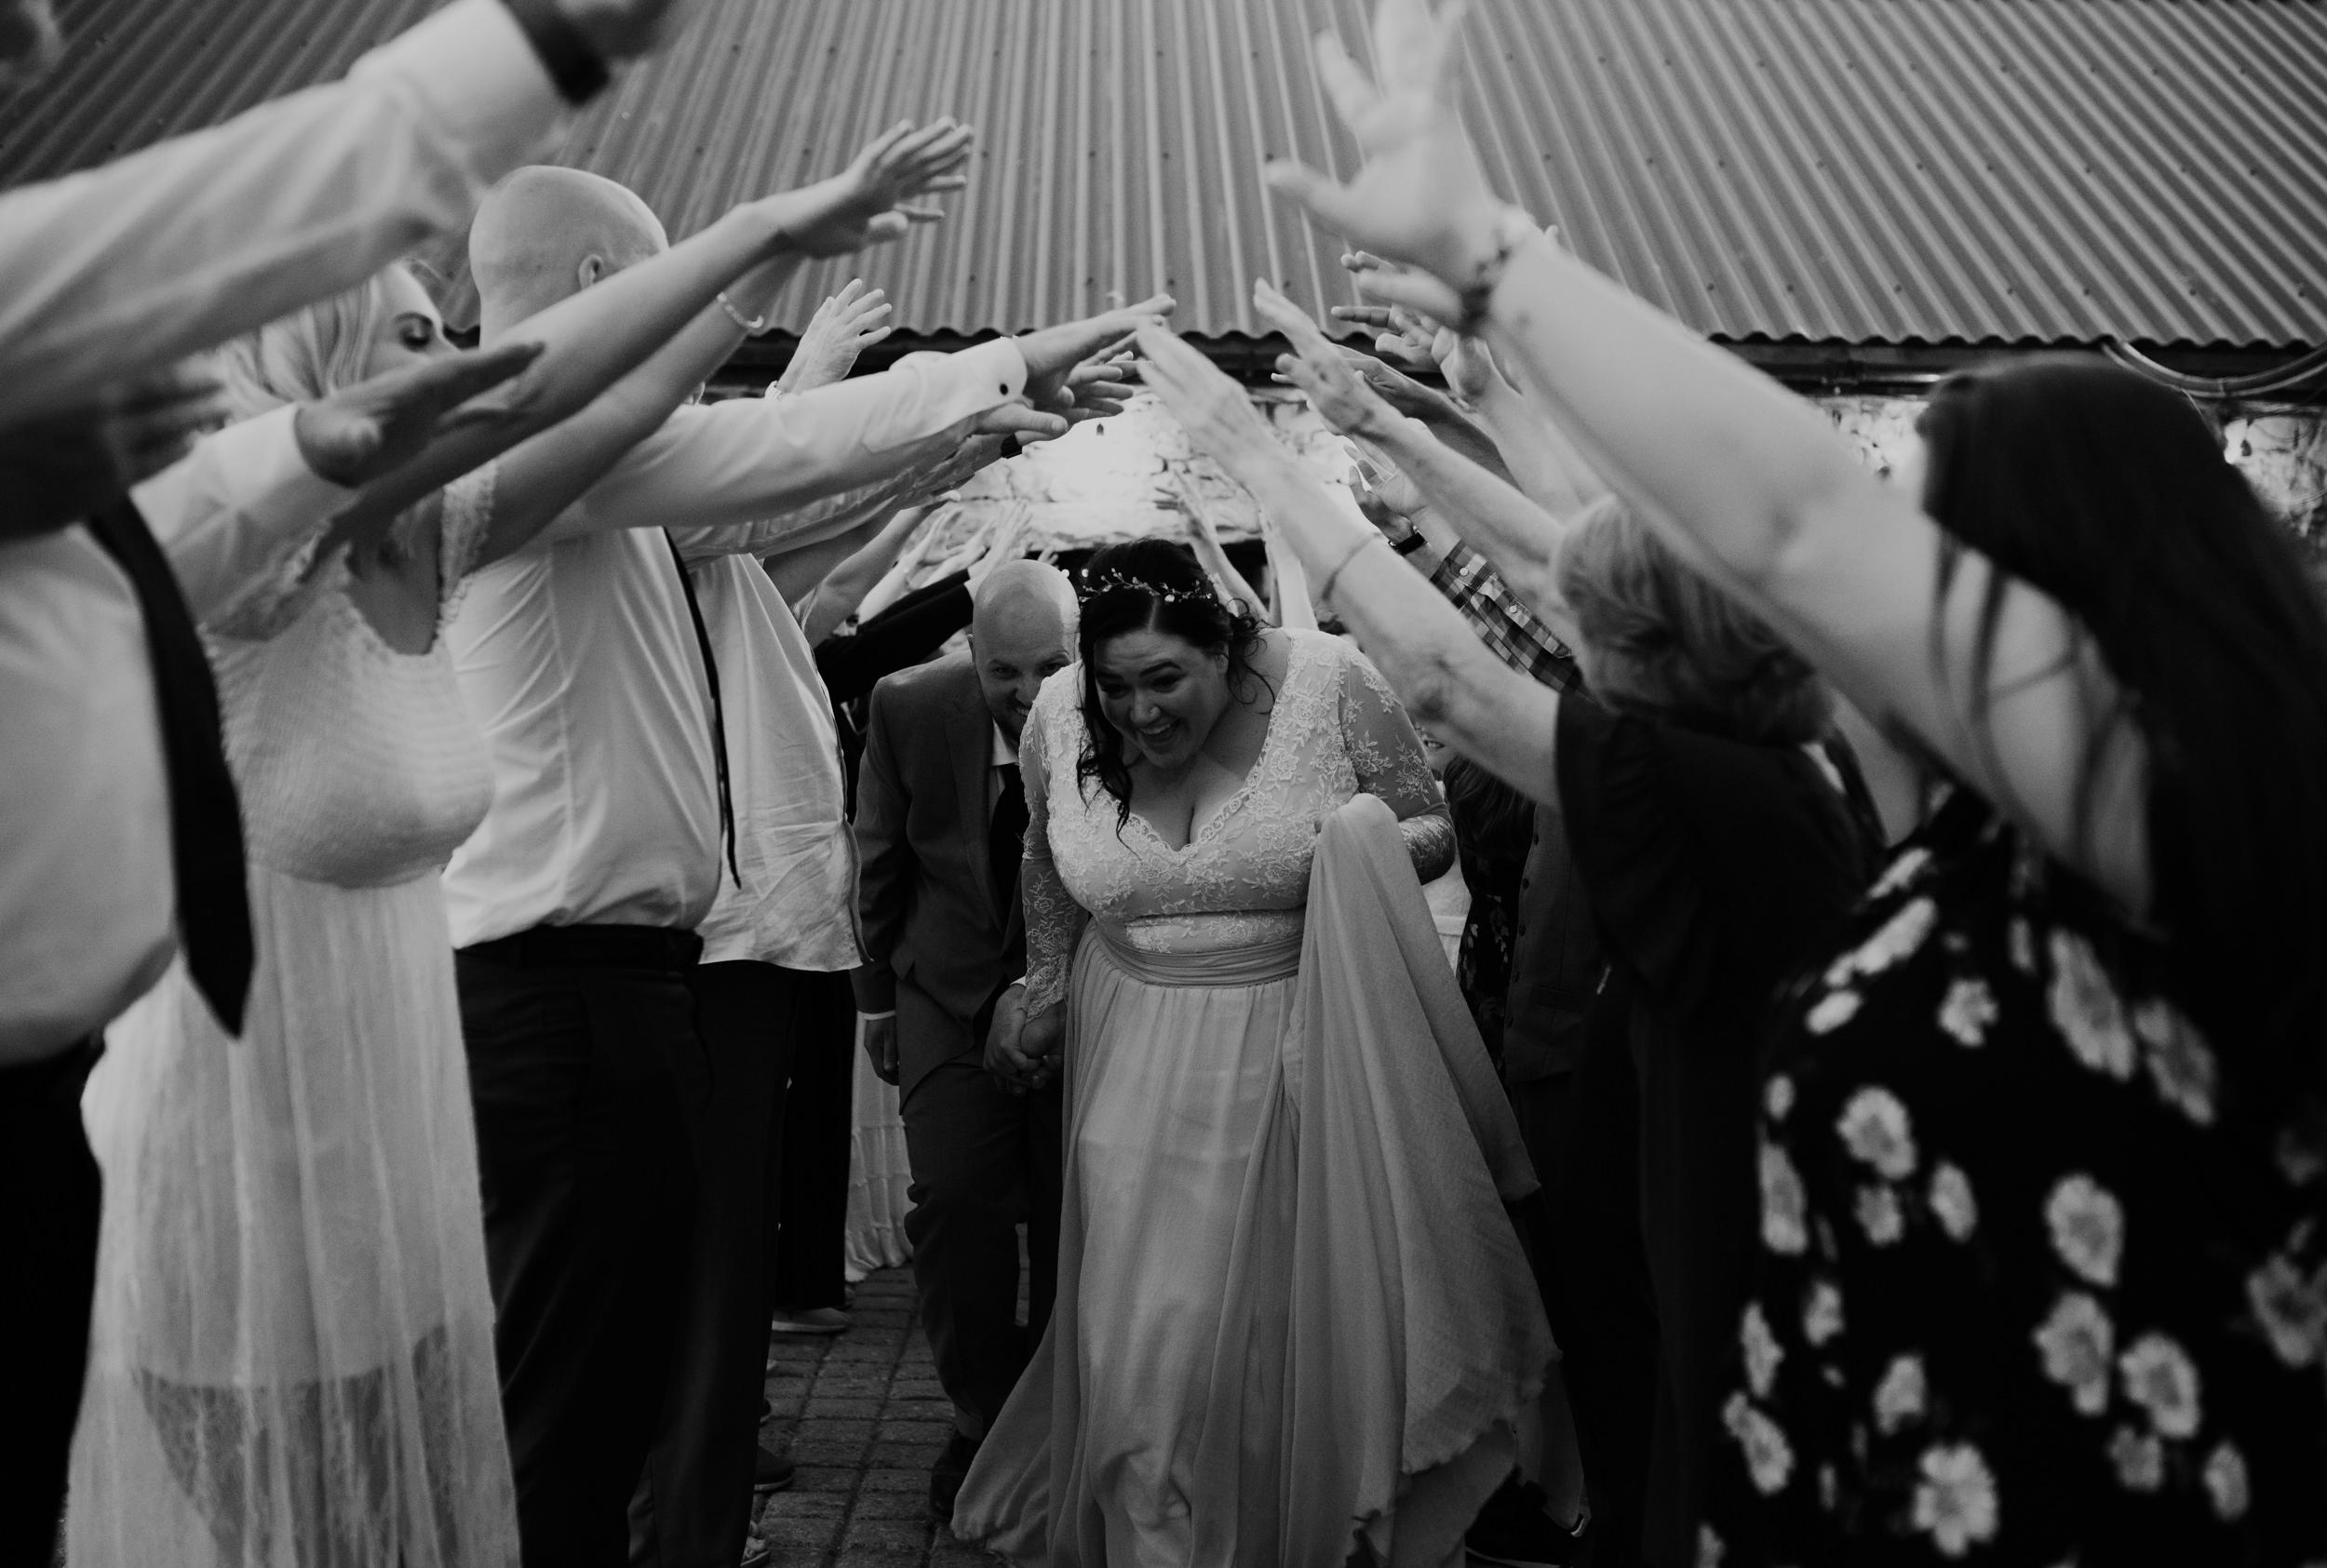 Reception exit at Ireland Destination wedding in County Clare, Ireland.